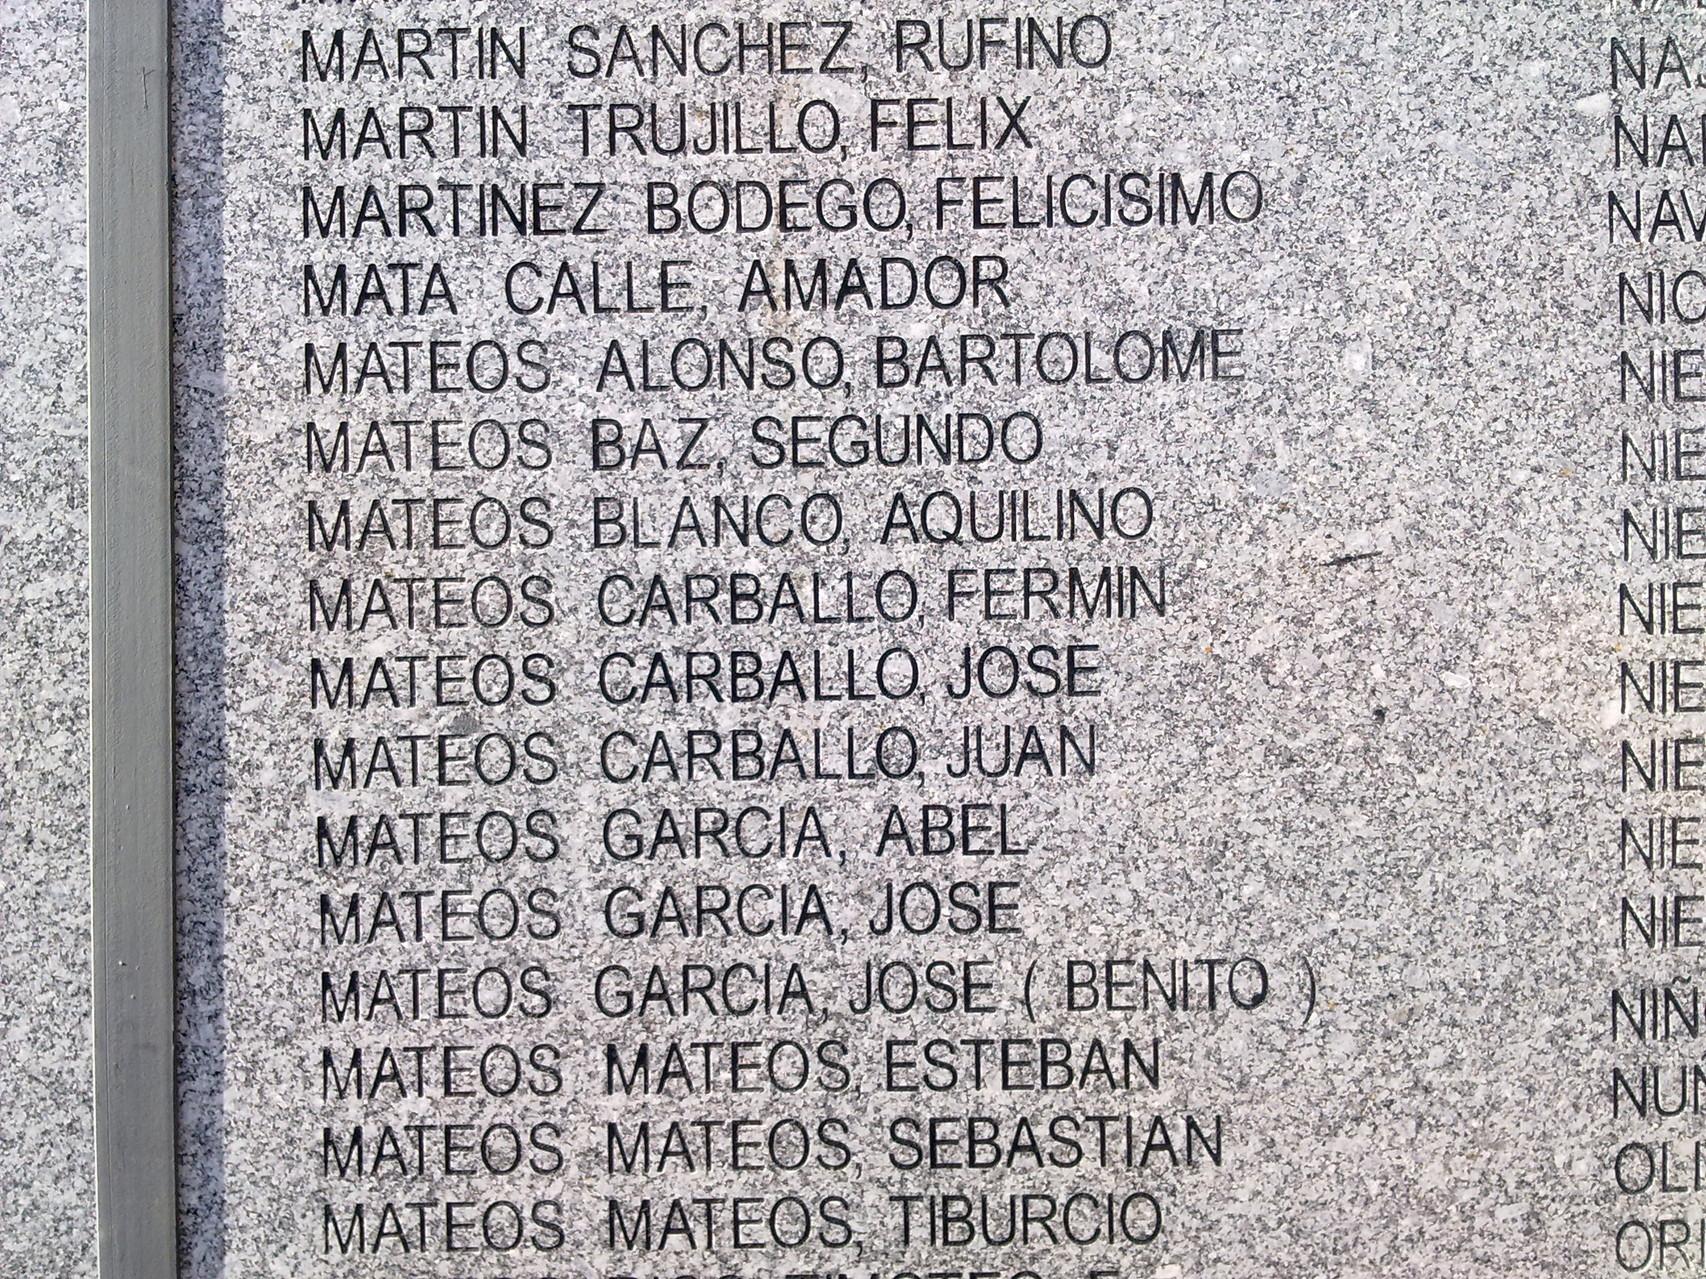 Listado de cementerio Salamanca, donde aparecen los nombres de los Rosos, foto propia